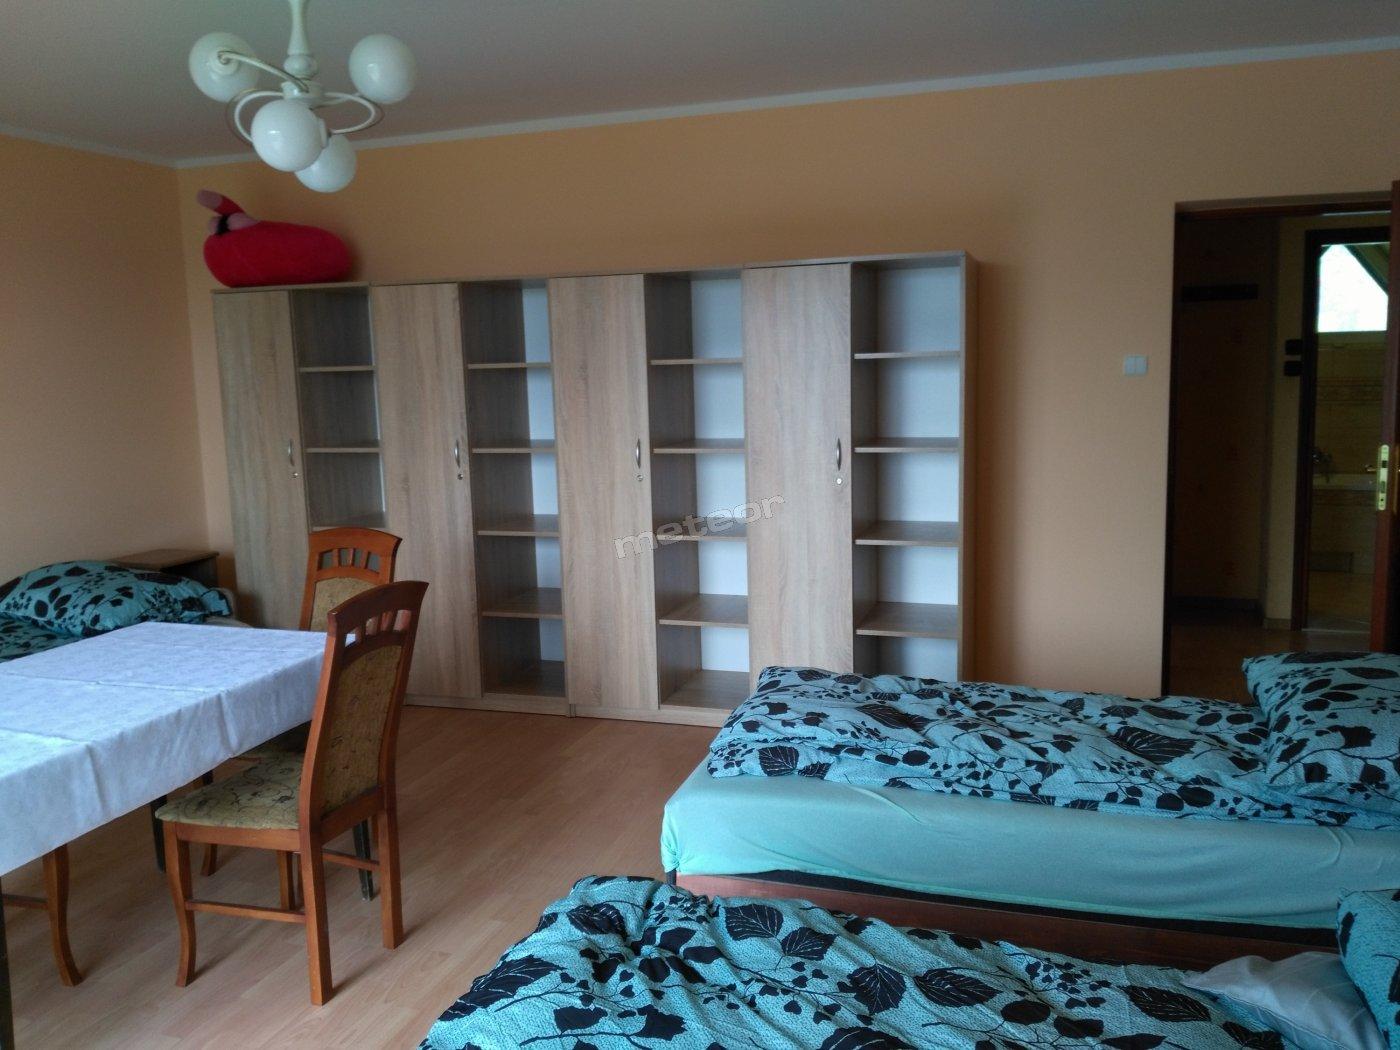 pokój 5-osobowy z balkonem , przestrzenny ,jasny z pięknym  widokiem na okolice